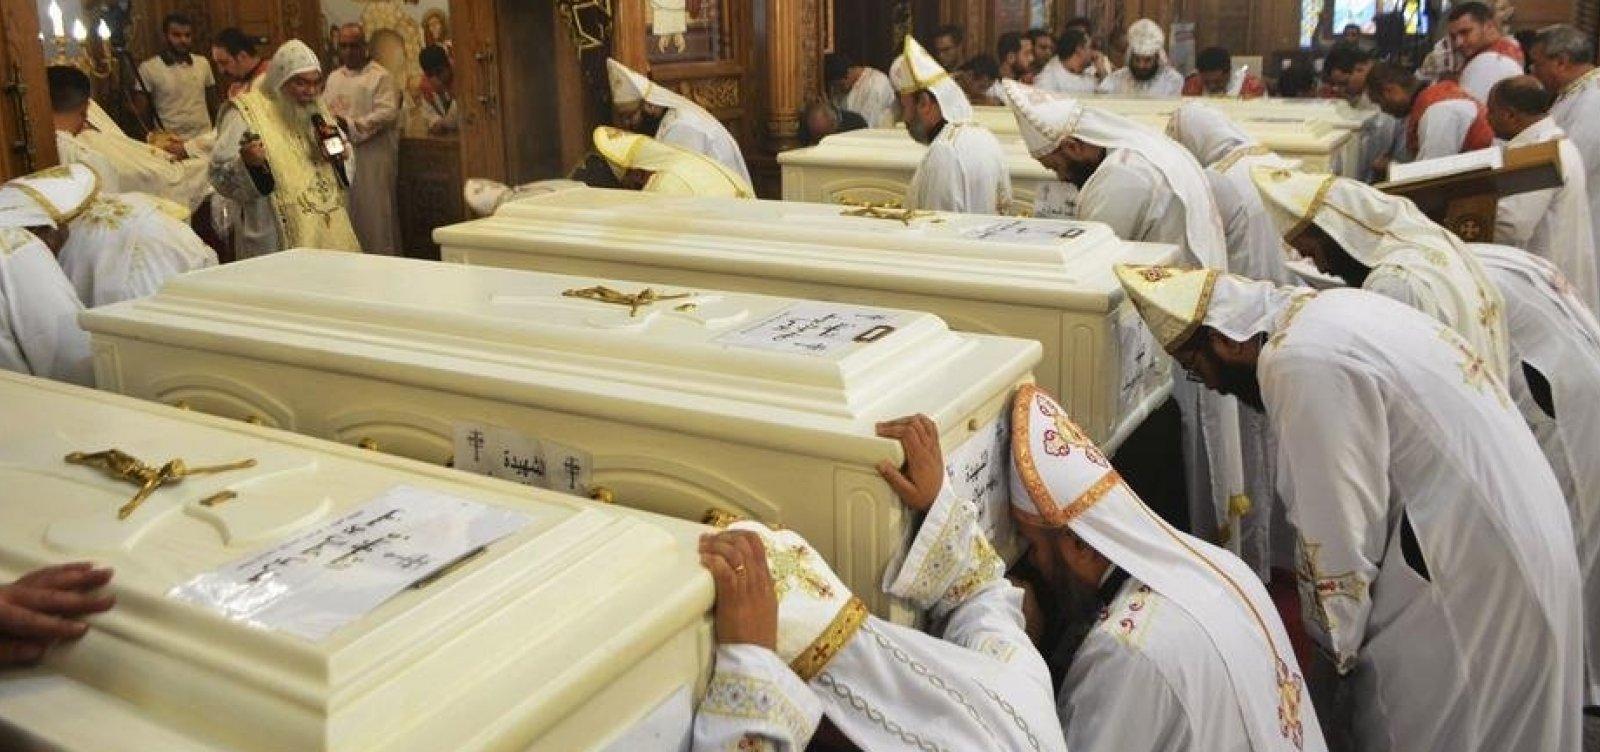 [Ataque a peregrinos cristãos deixa 7 mortos e 19 feridos no Egito]